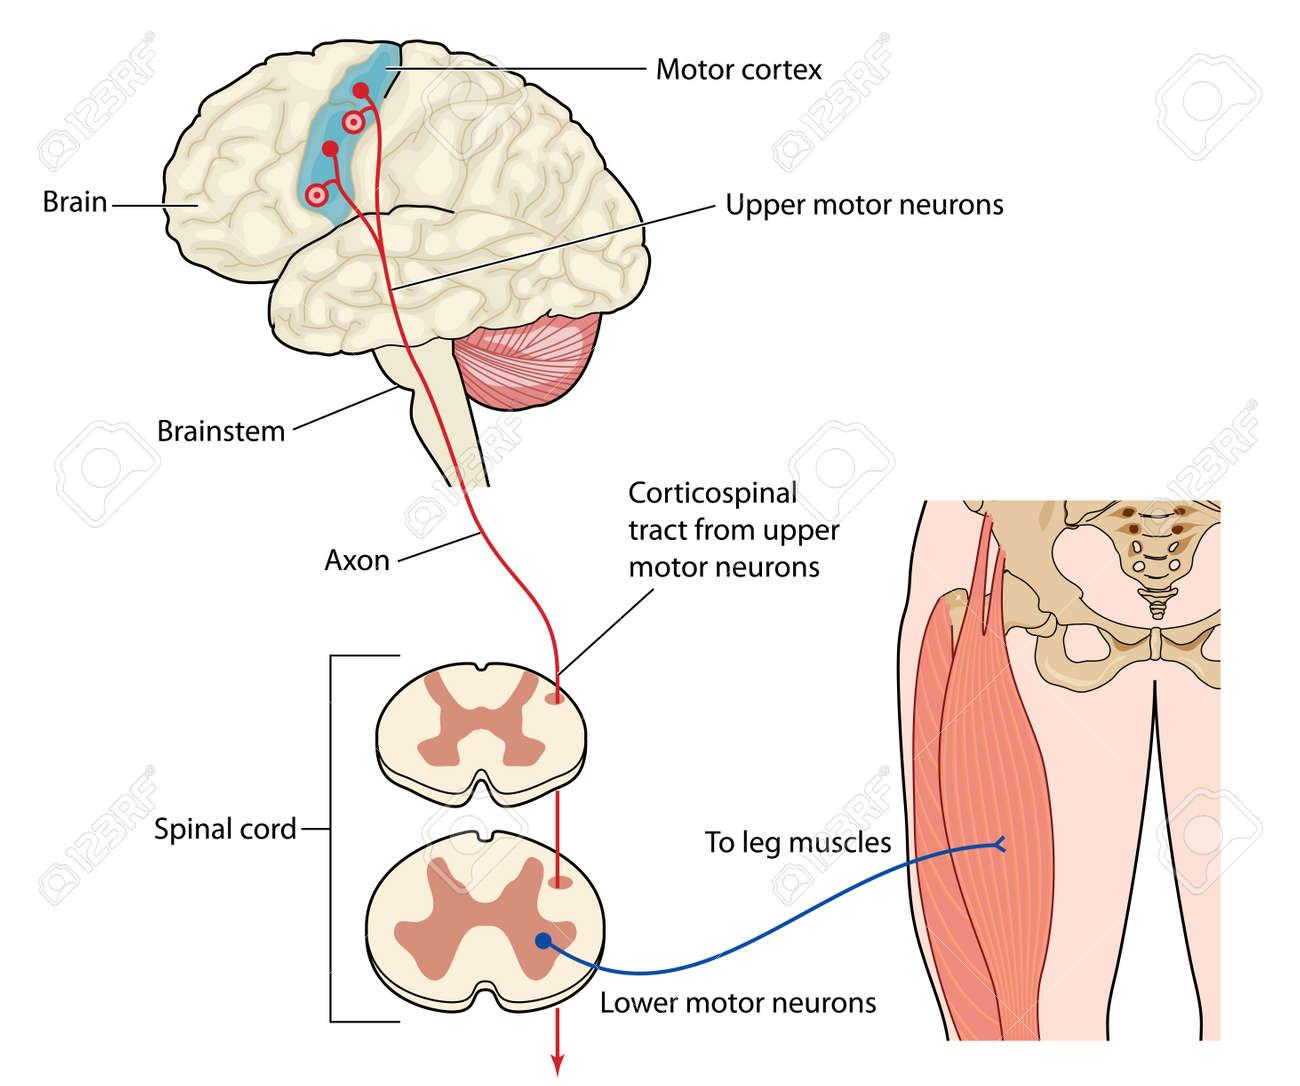 Los Nervios Motores Originarios De Los Músculos De Las Piernas Que ...